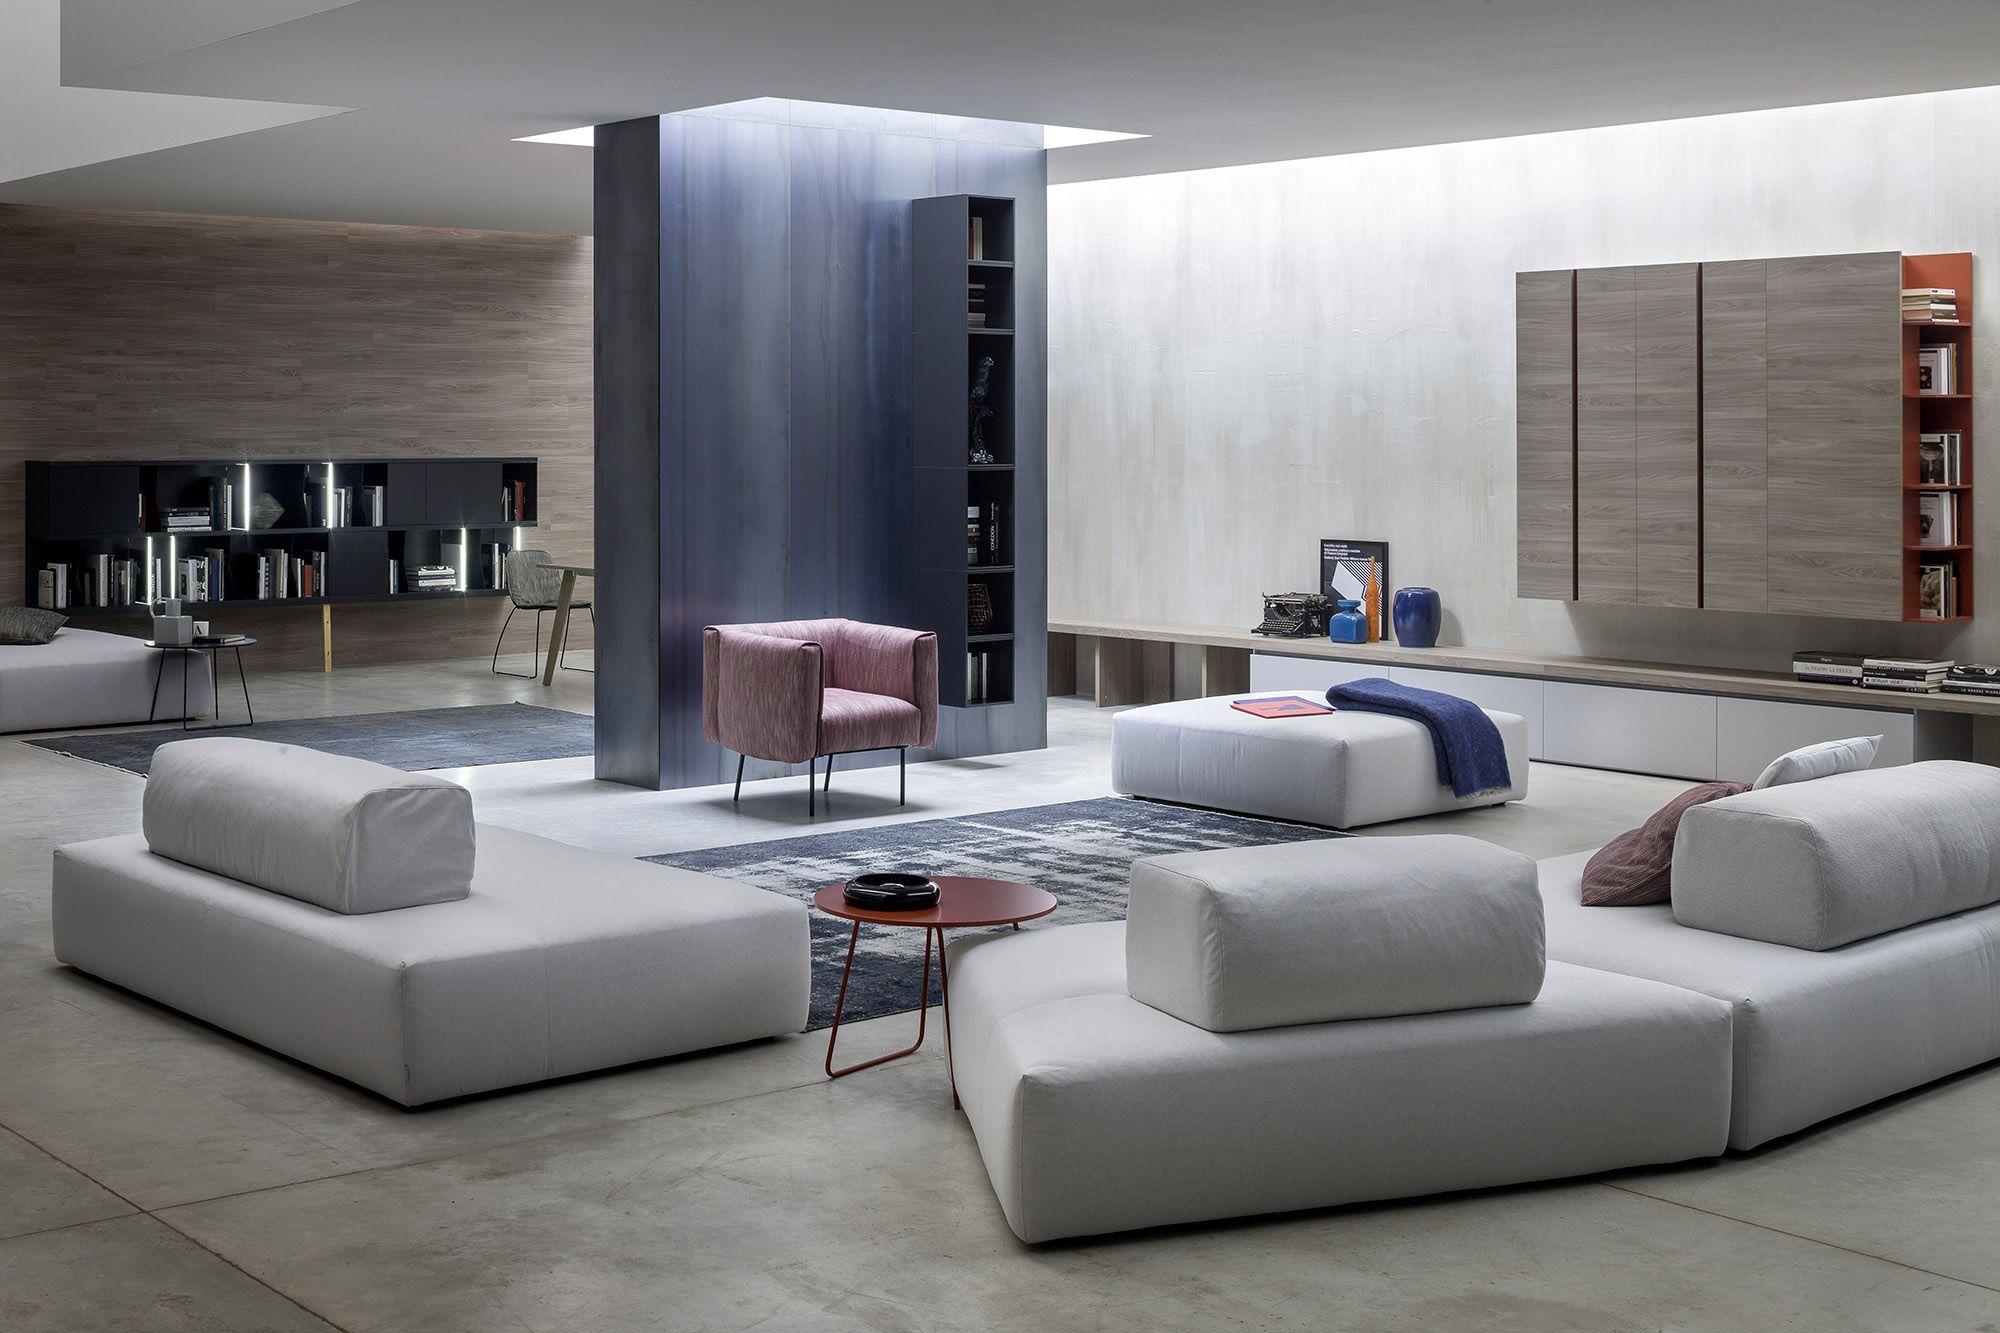 Inneneinrichter  Designer Möbel von Livarea #Interiordesigner #Inneneinrichter ...